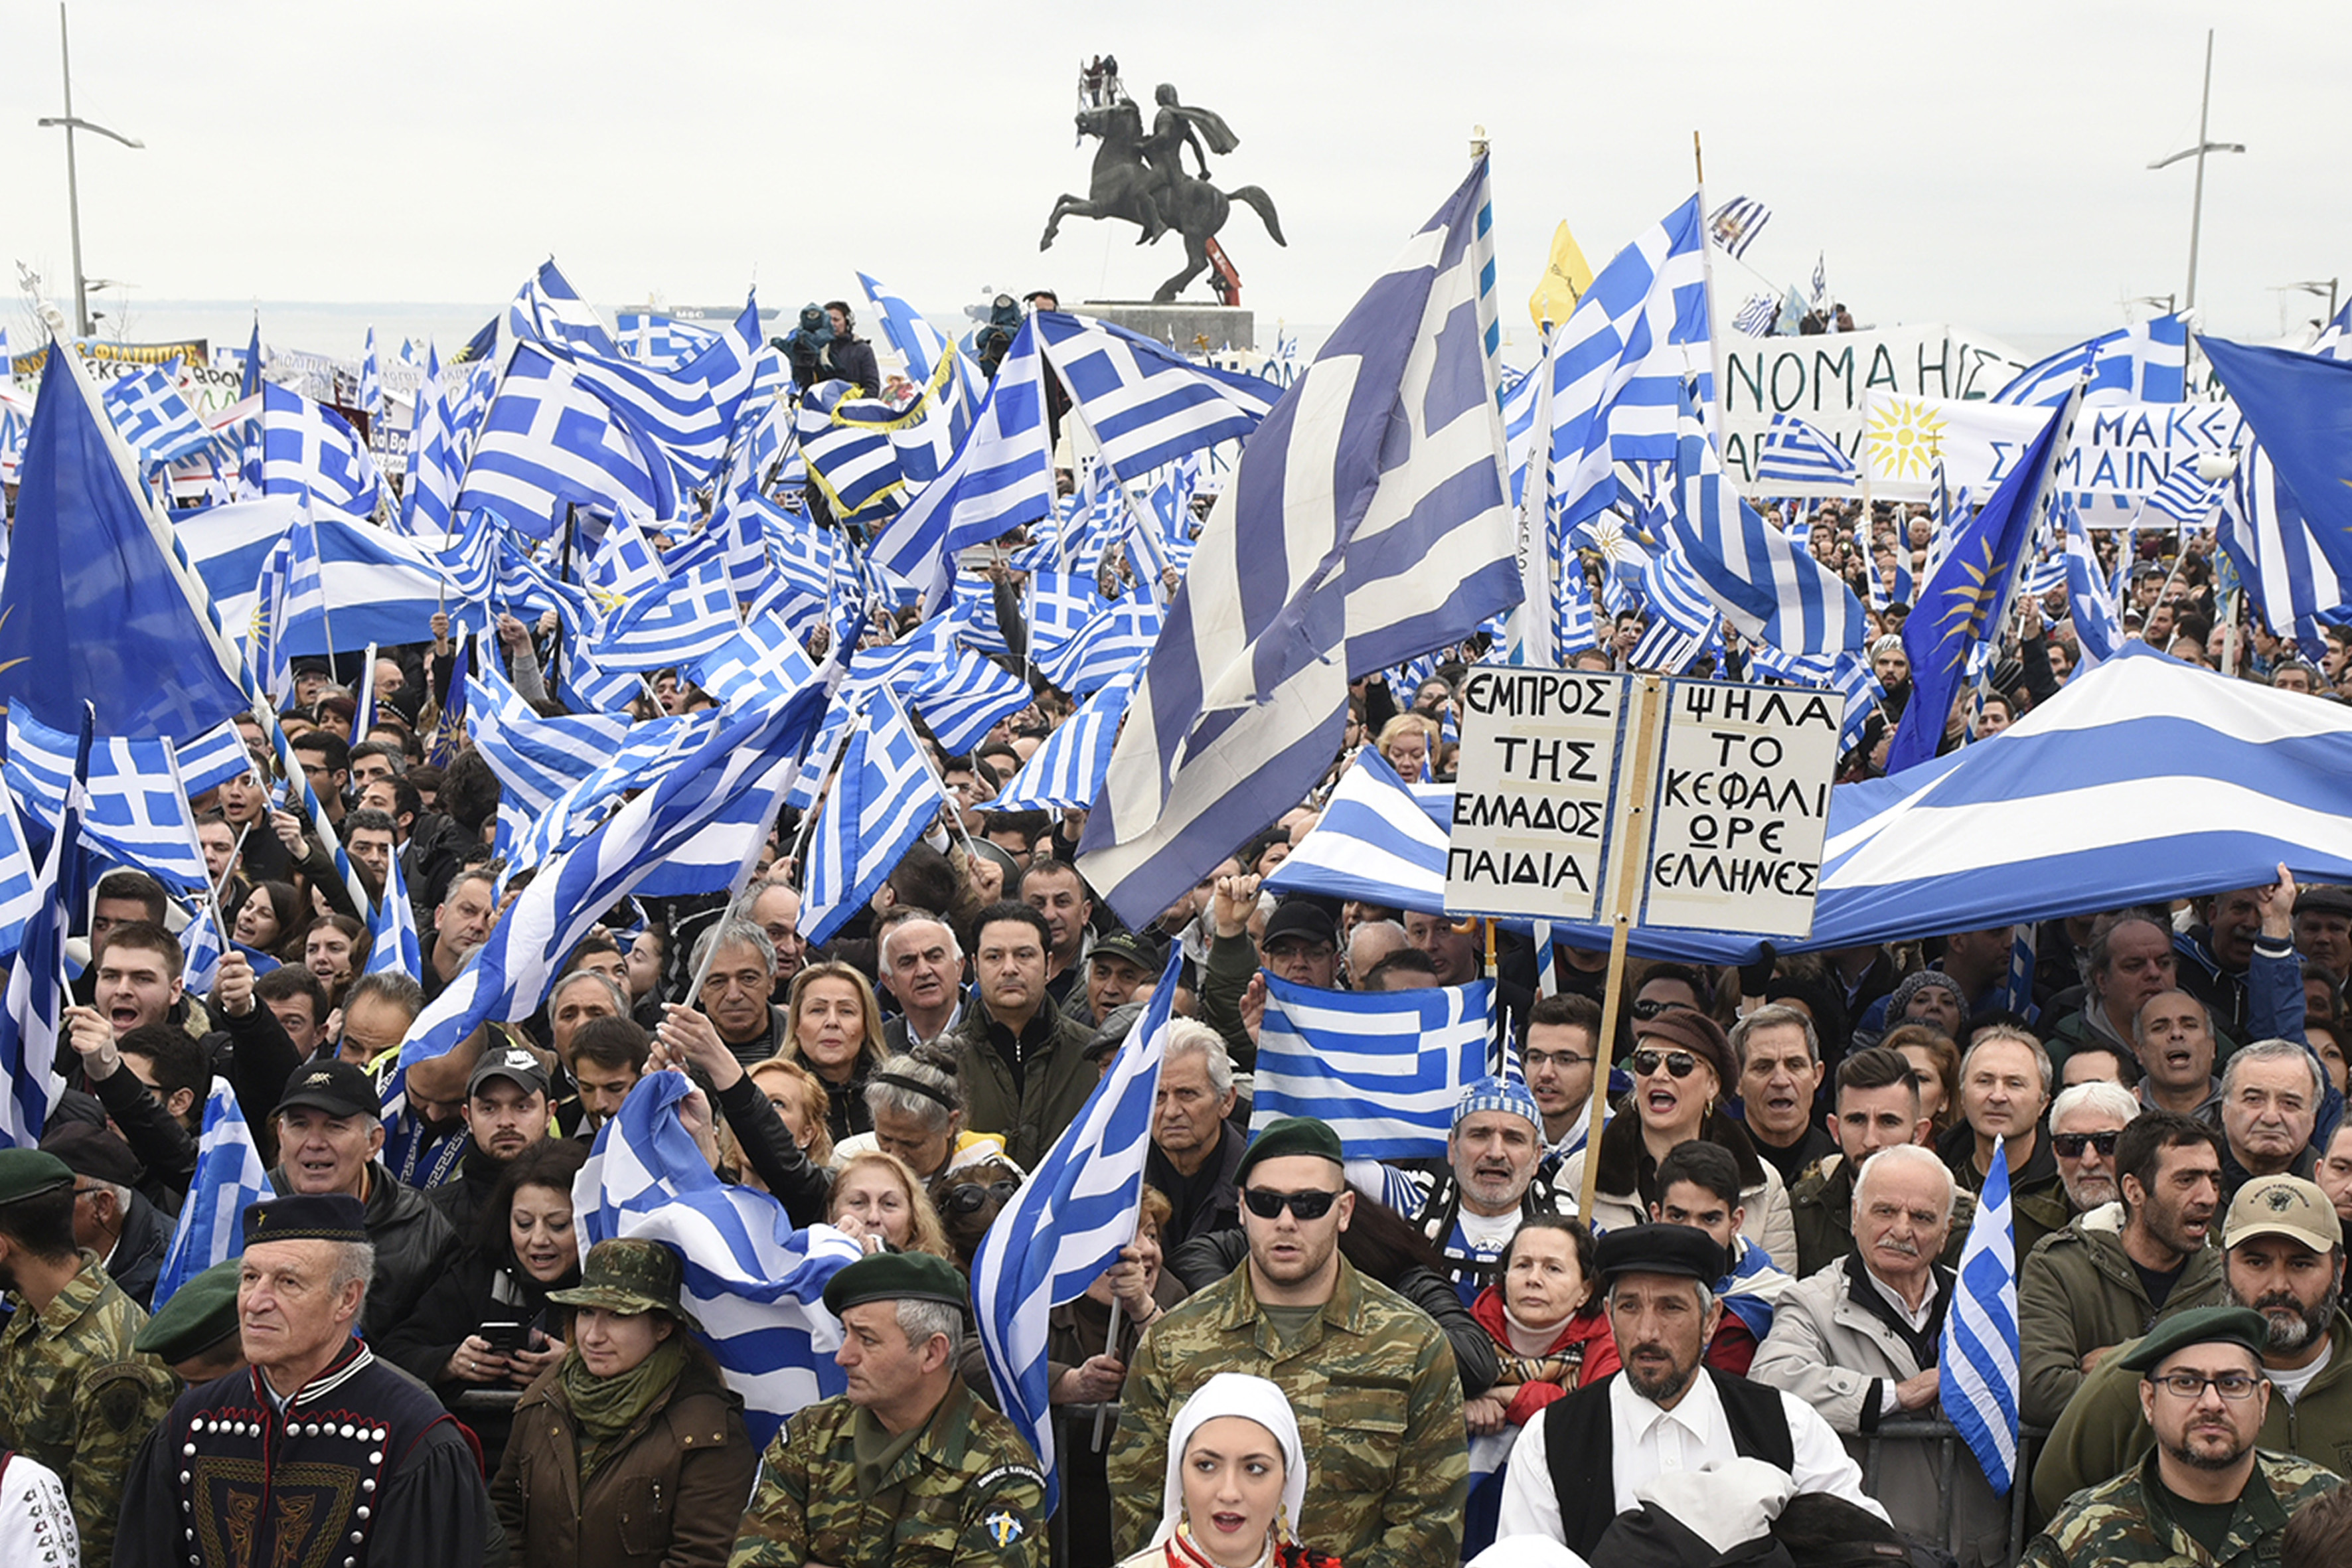 Naționaliștii greci au demonstrat împotriva acordului Atena-Skopje